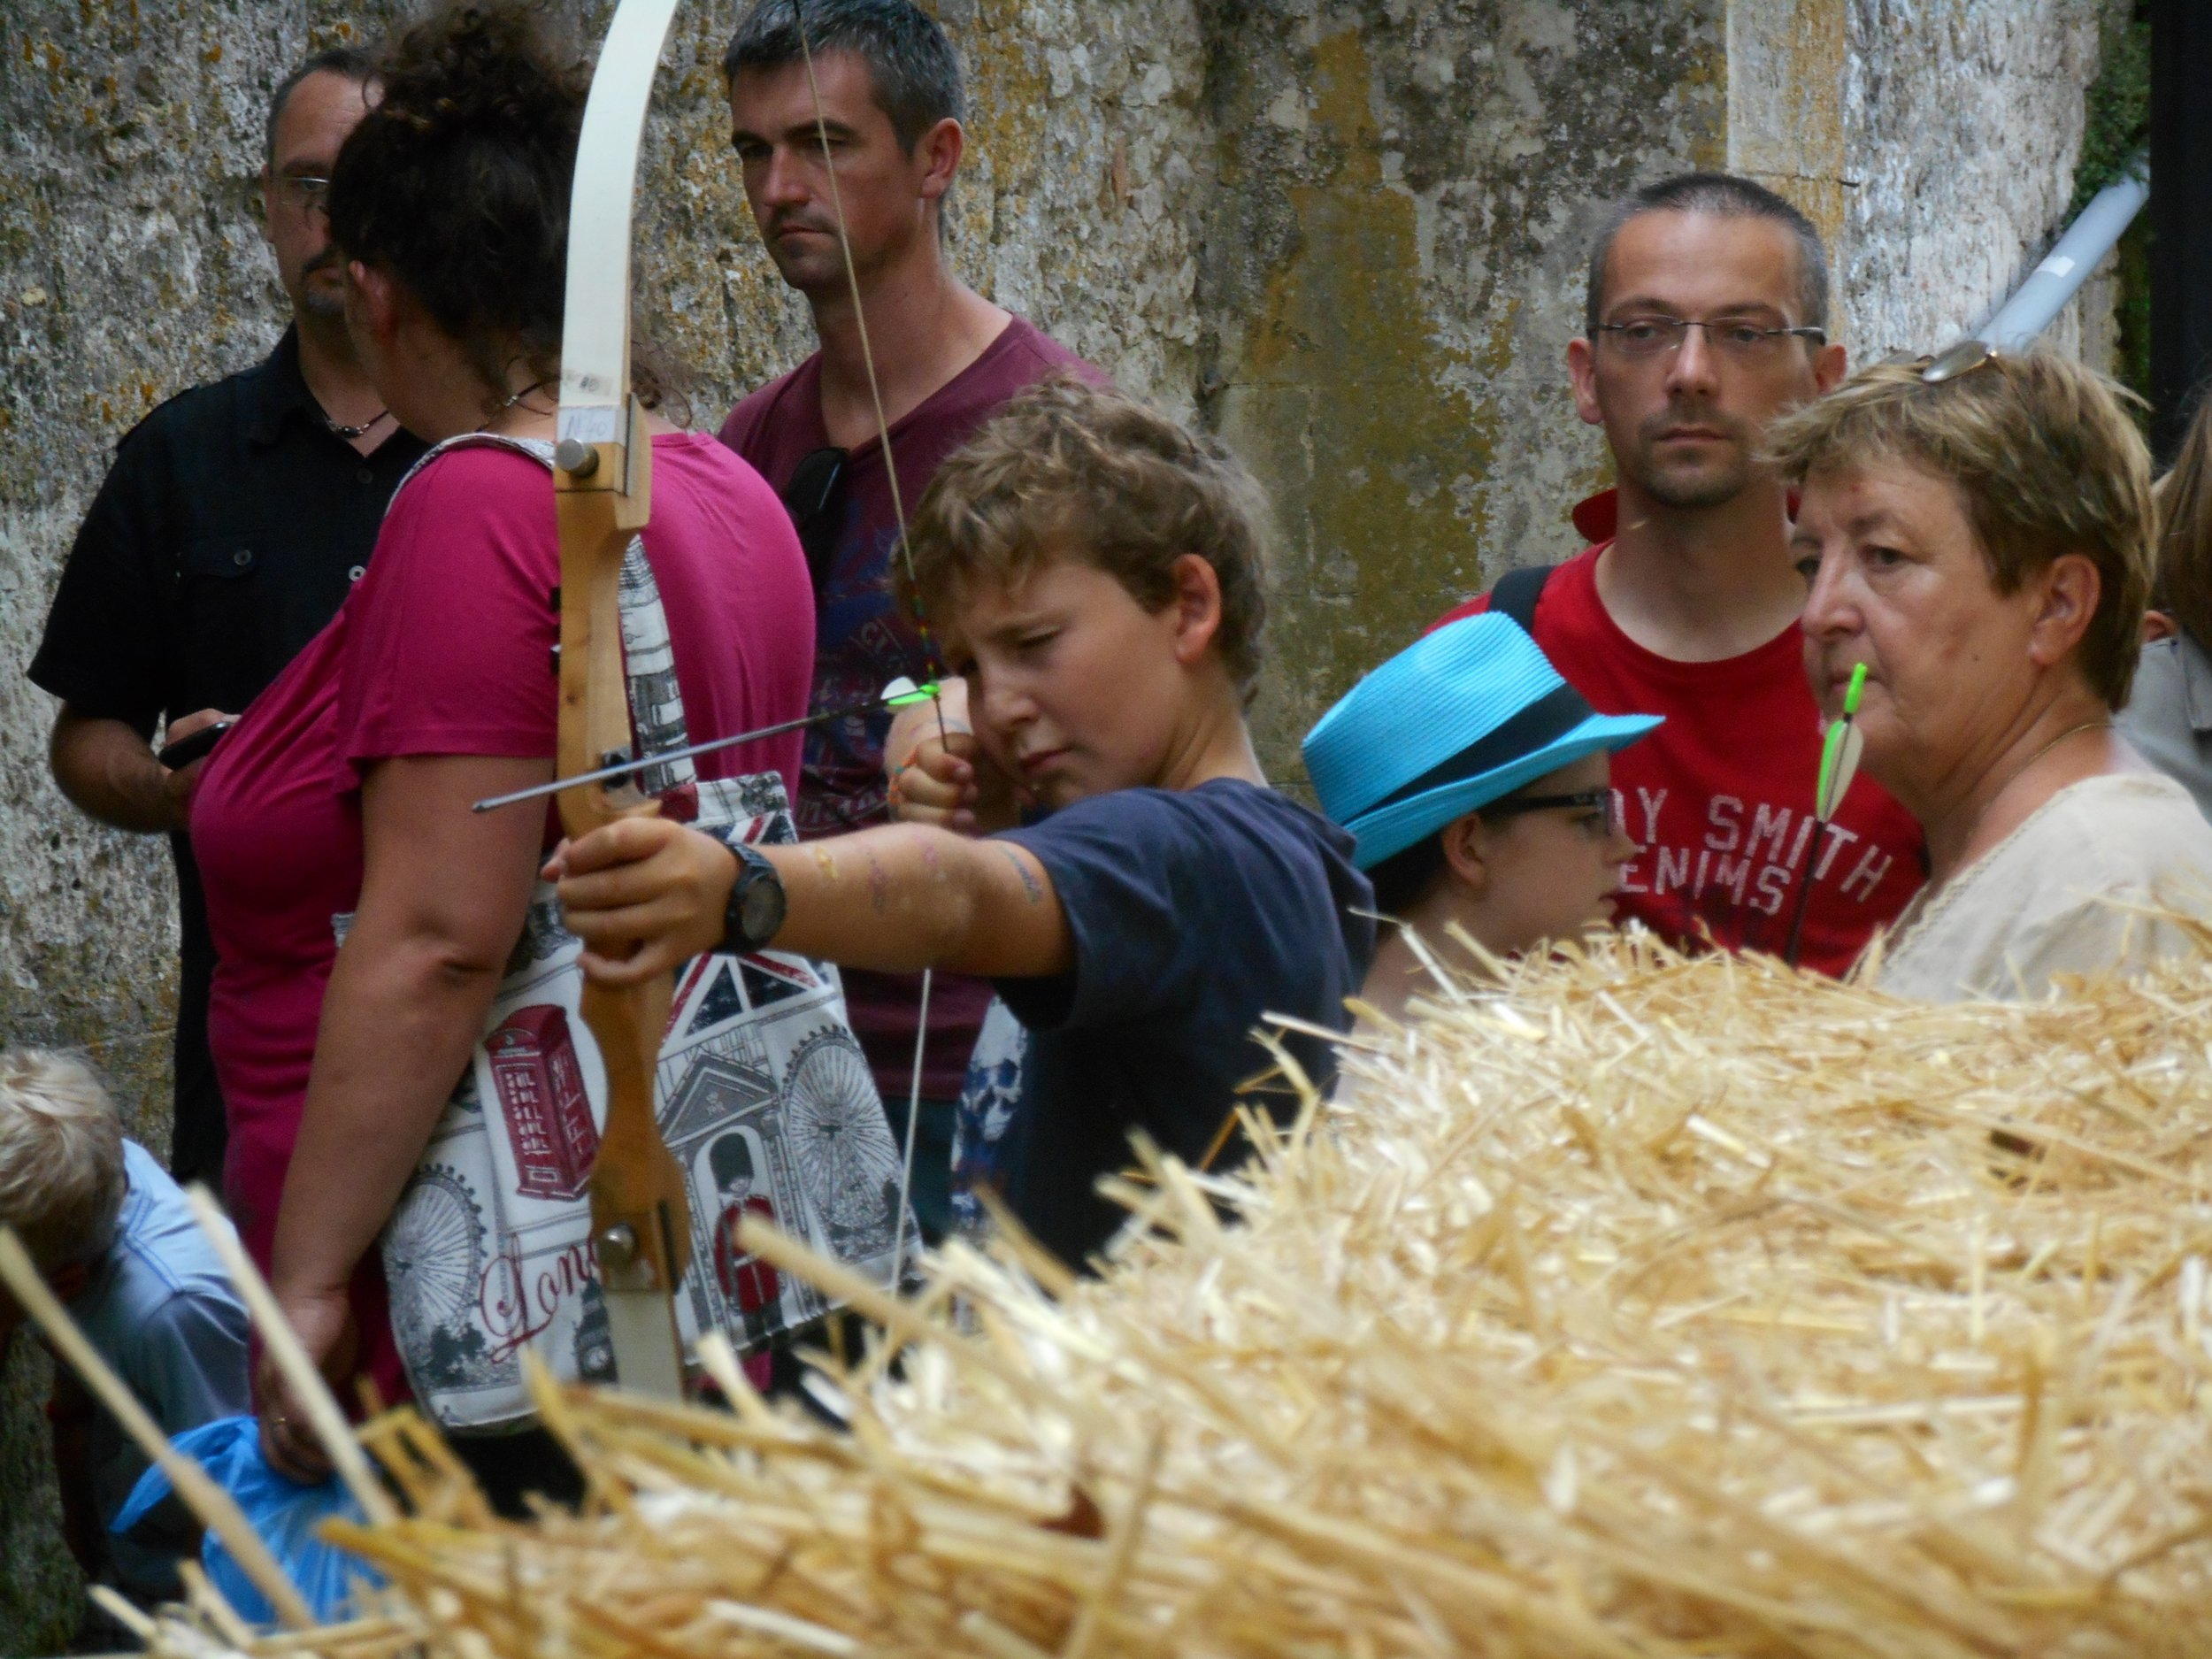 Archery Les Galineaux